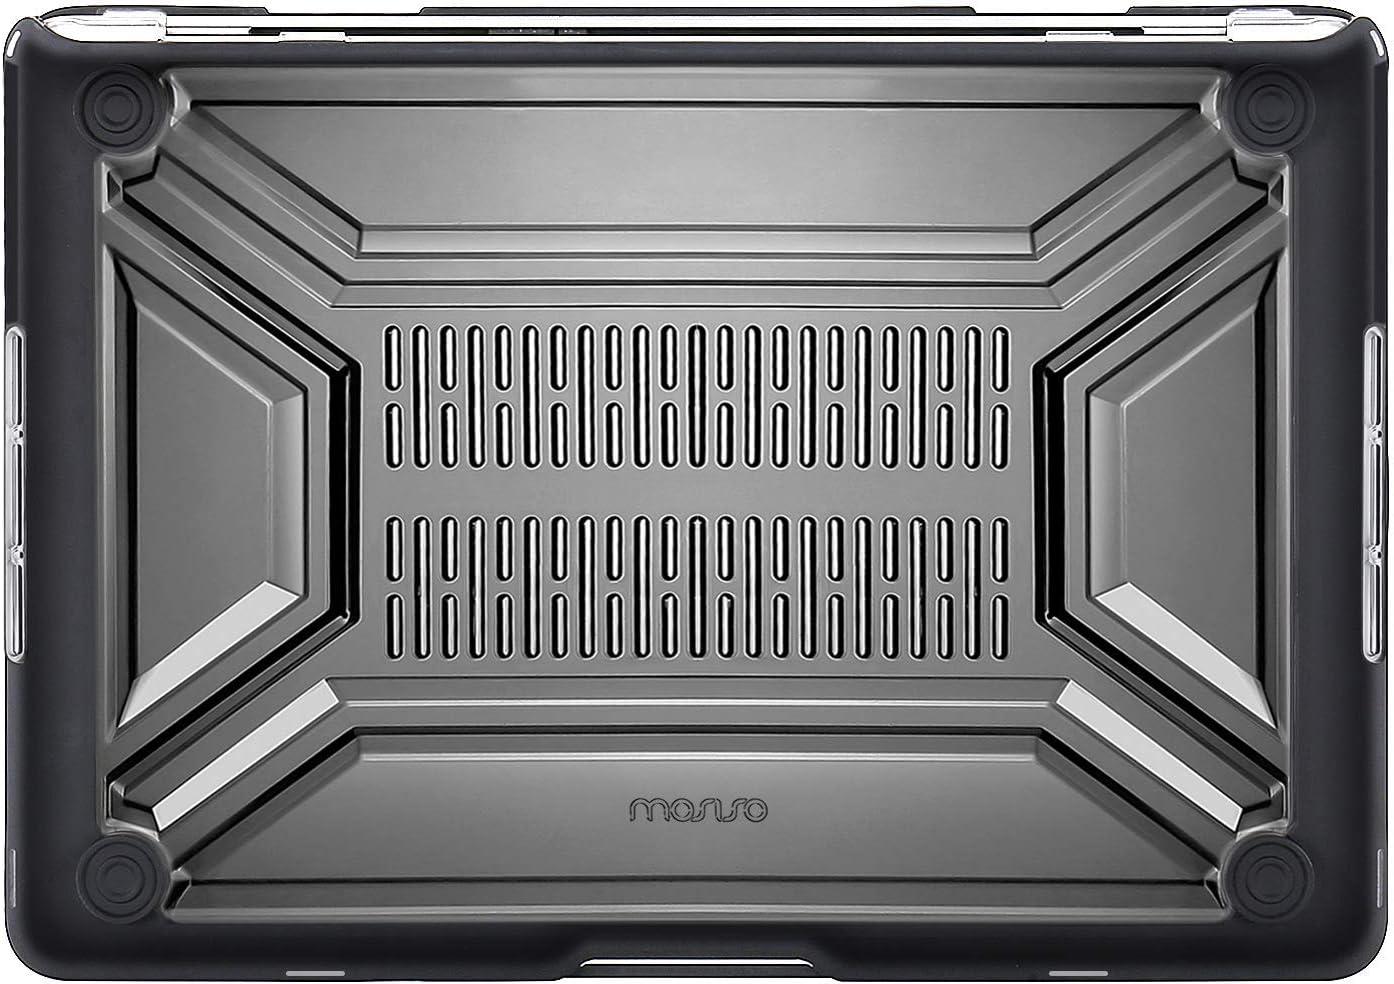 MOSISO H/ülle Kompatibel mit MacBook Pro 13 Zoll 2019-2016 Release A2159 A1989 A1706 A1708 Schwarz Schwerlast Plastic H/ülle /& TPU Sto/ßstange /& Tastaturschutz Nur Kompatibel mit MacBook Pro 13